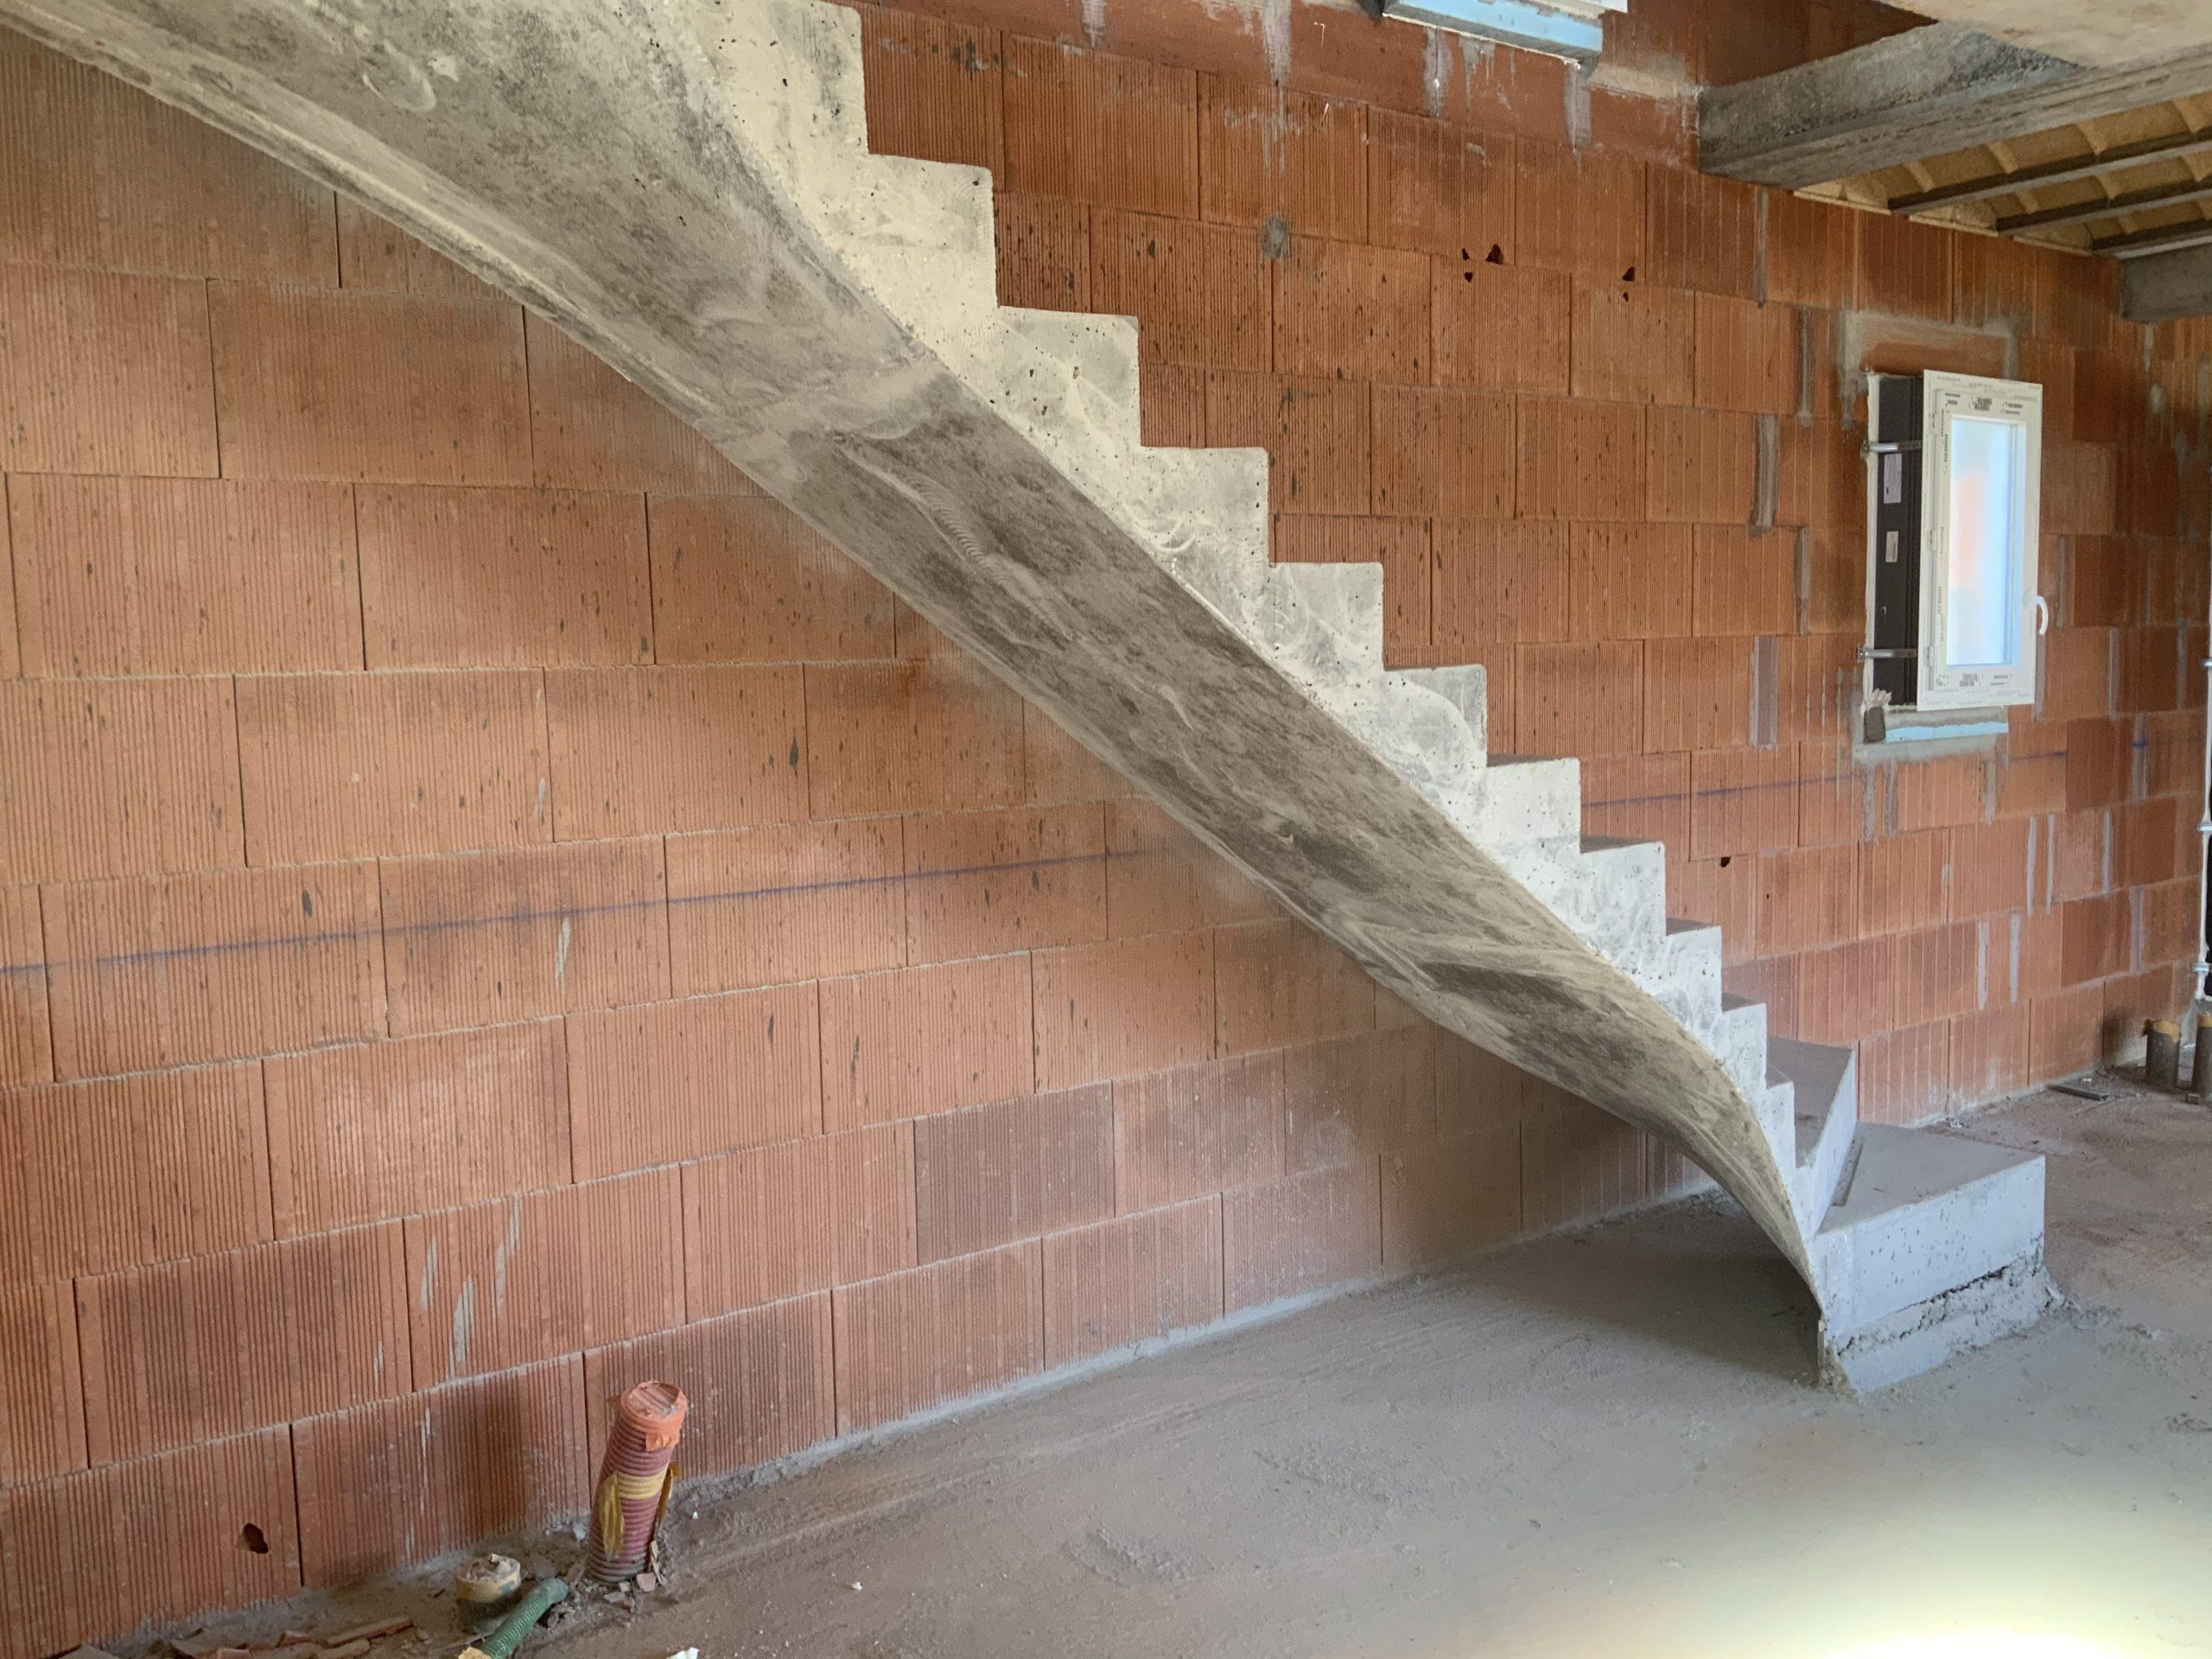 escalier intérieur béton  à paillasse   d'une maison individuelle  en béton brut de décoffrage  à saint aubin de Medoc  pour un constructeur Scal'in d Aquitaine